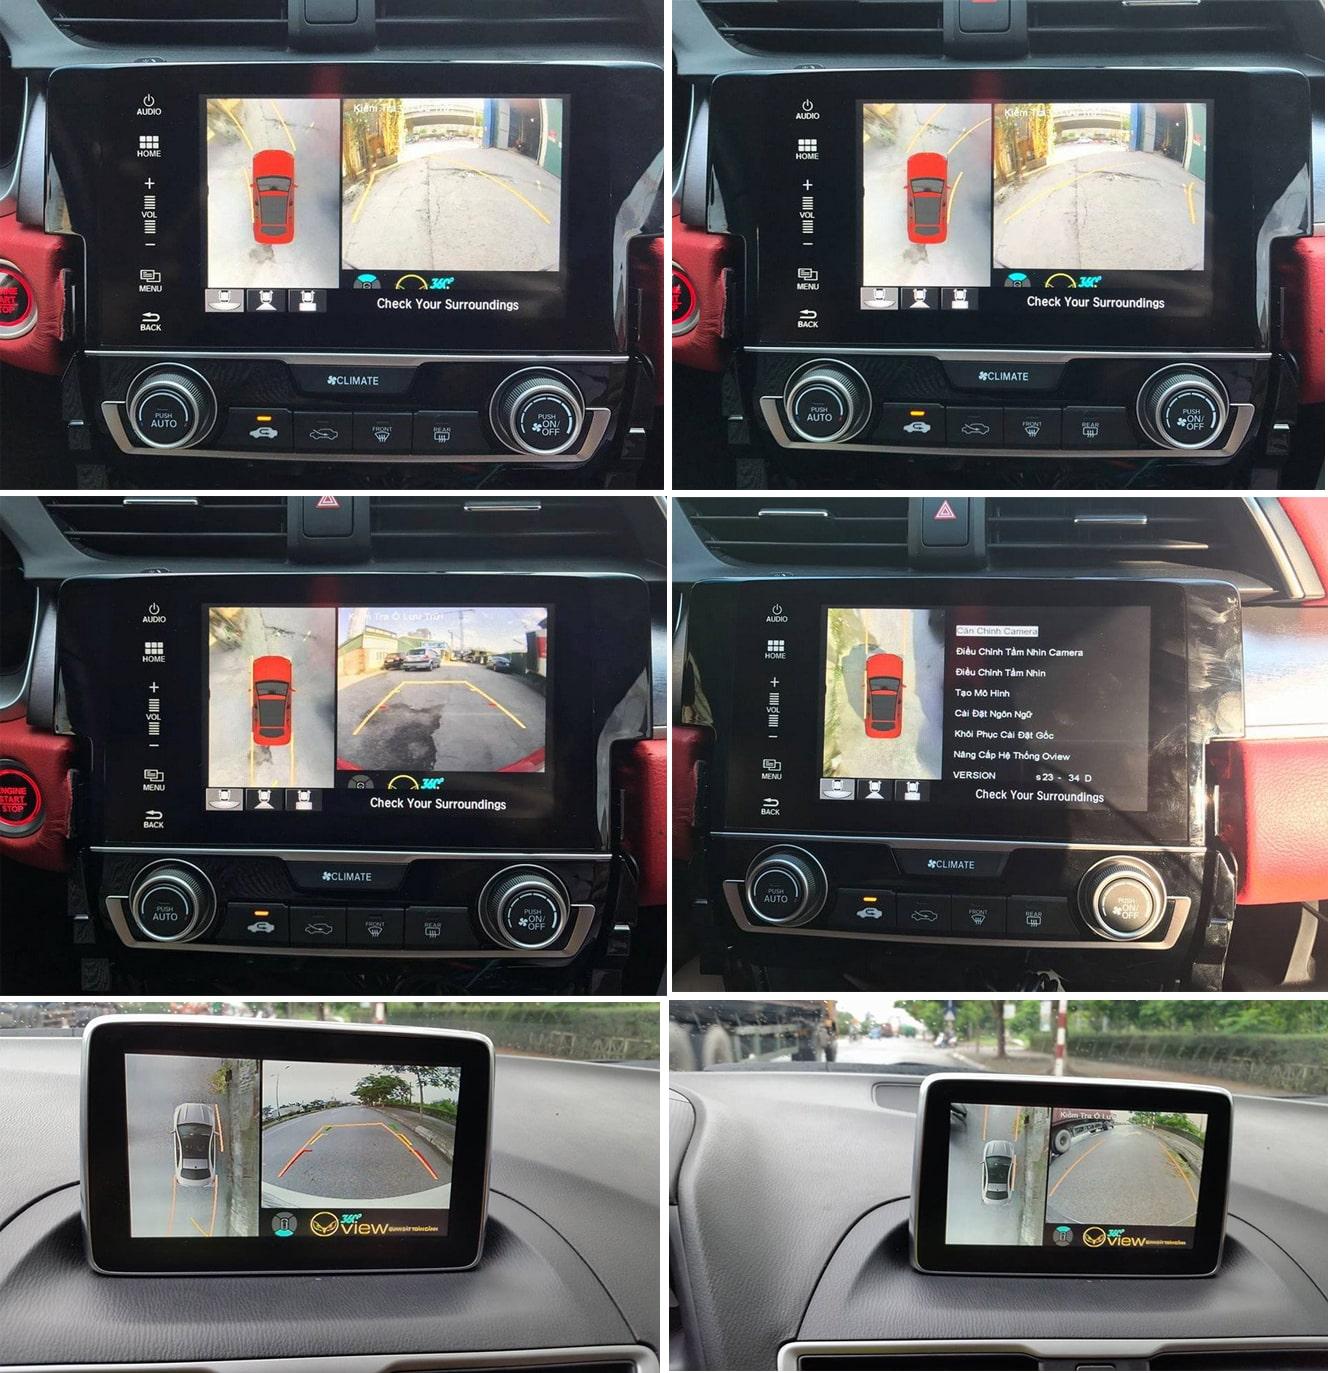 camera 360 độ oview kết nối với màn hình dvd ô tô